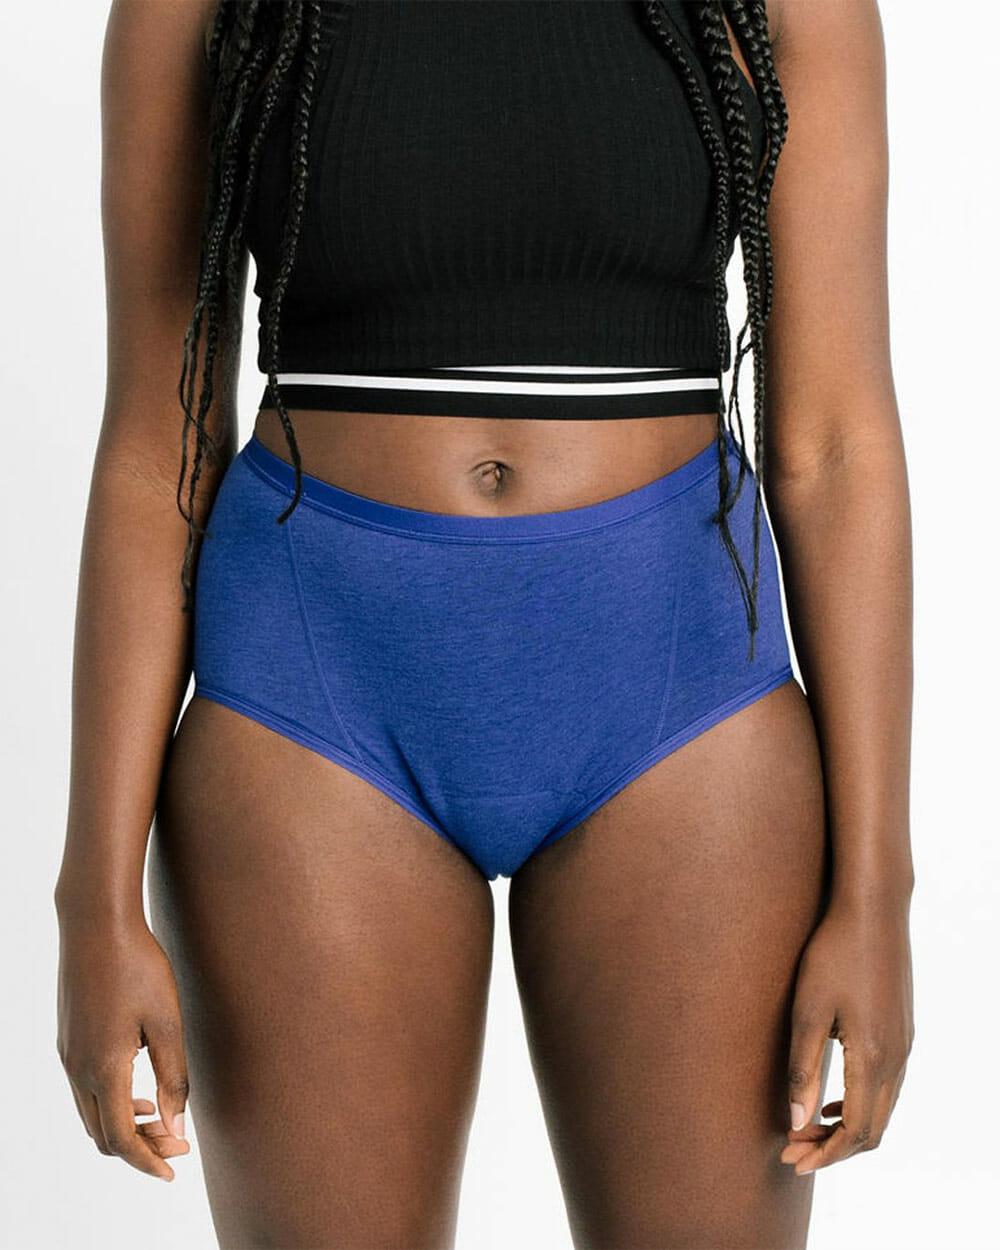 Period brief underwear by Aisle